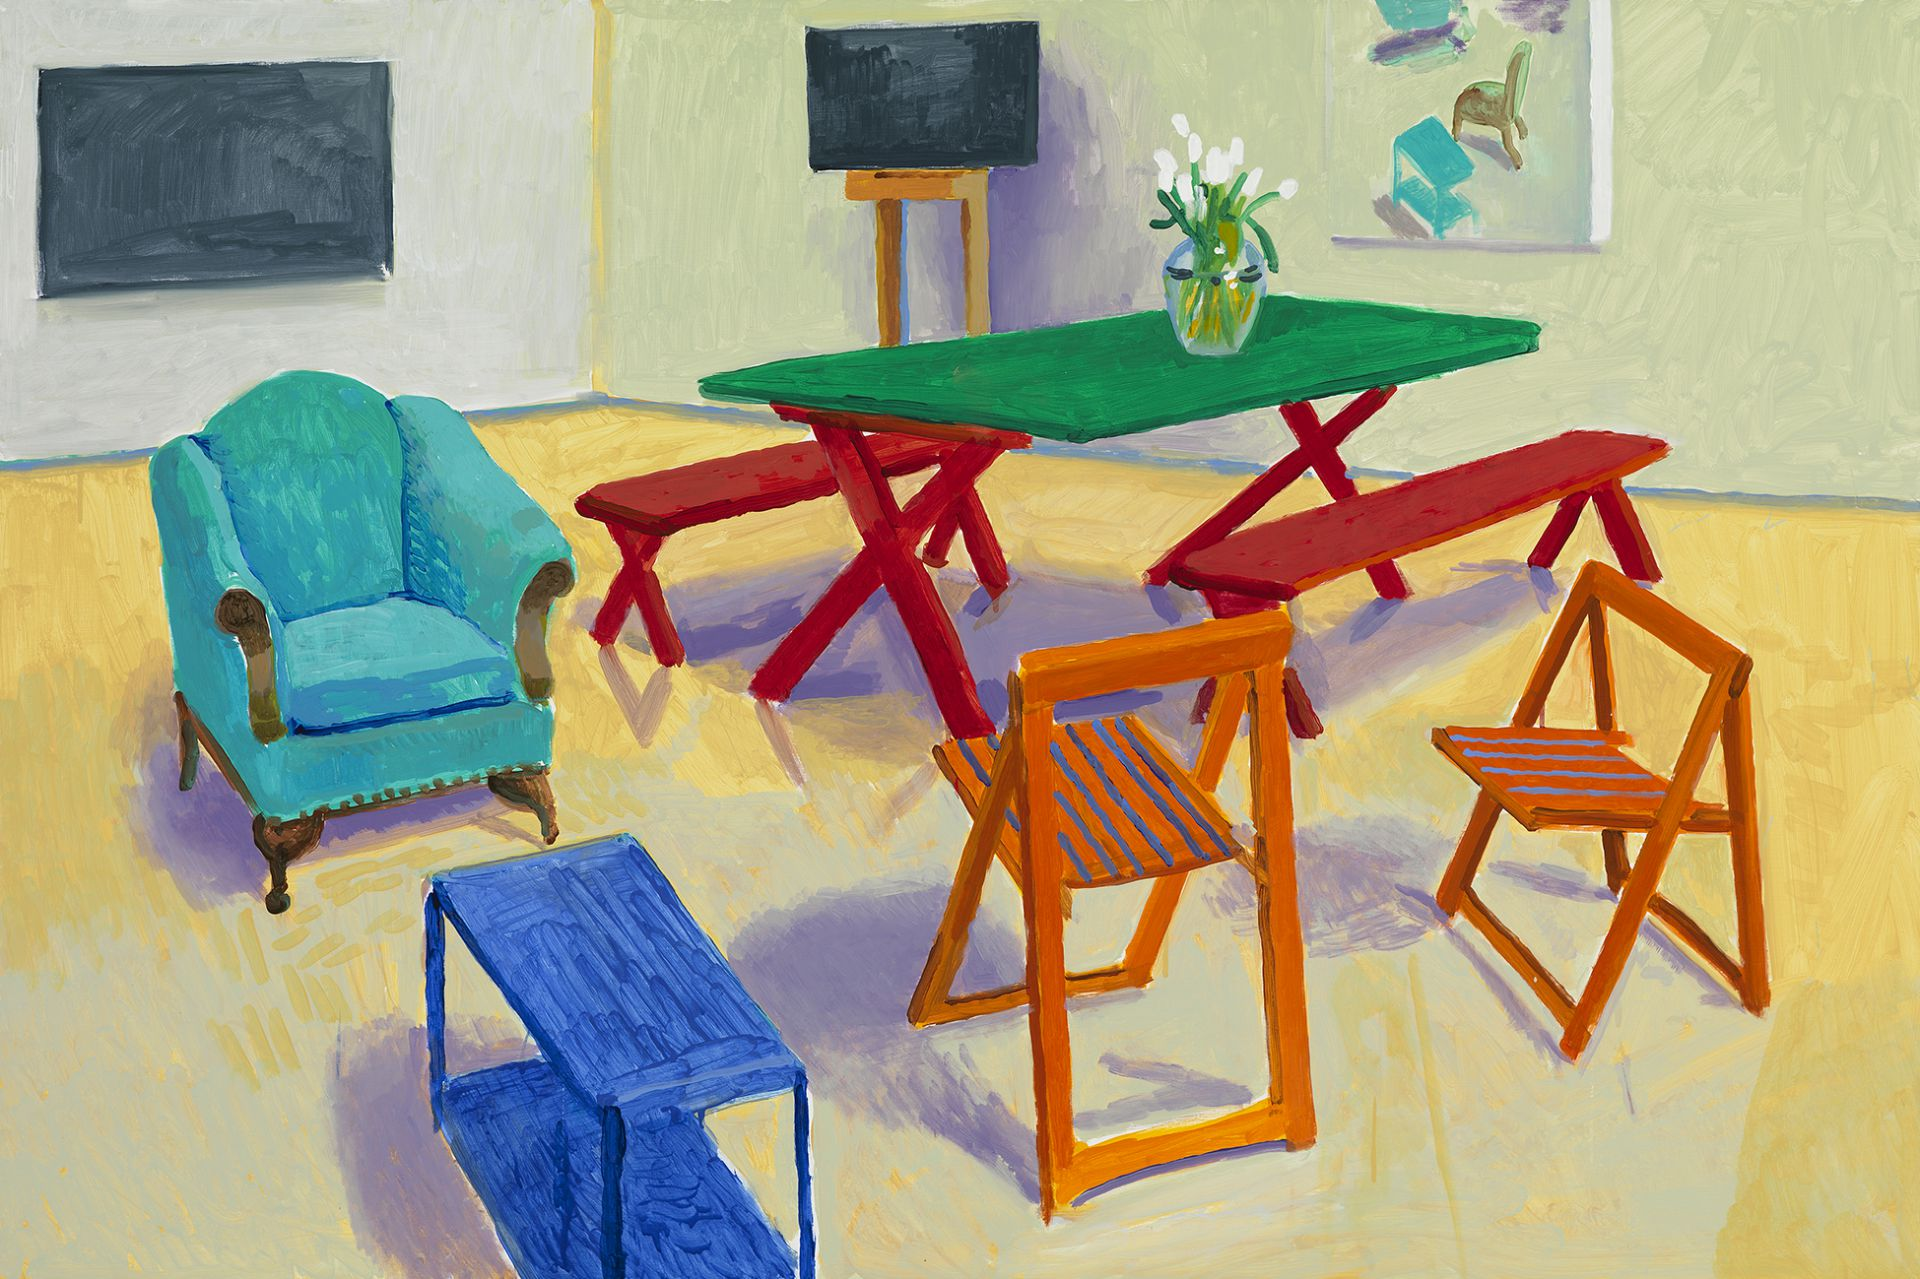 Exceptional David Hockney, Studio Interior #2, 2014, Acrylic On Canvas © David Hockney